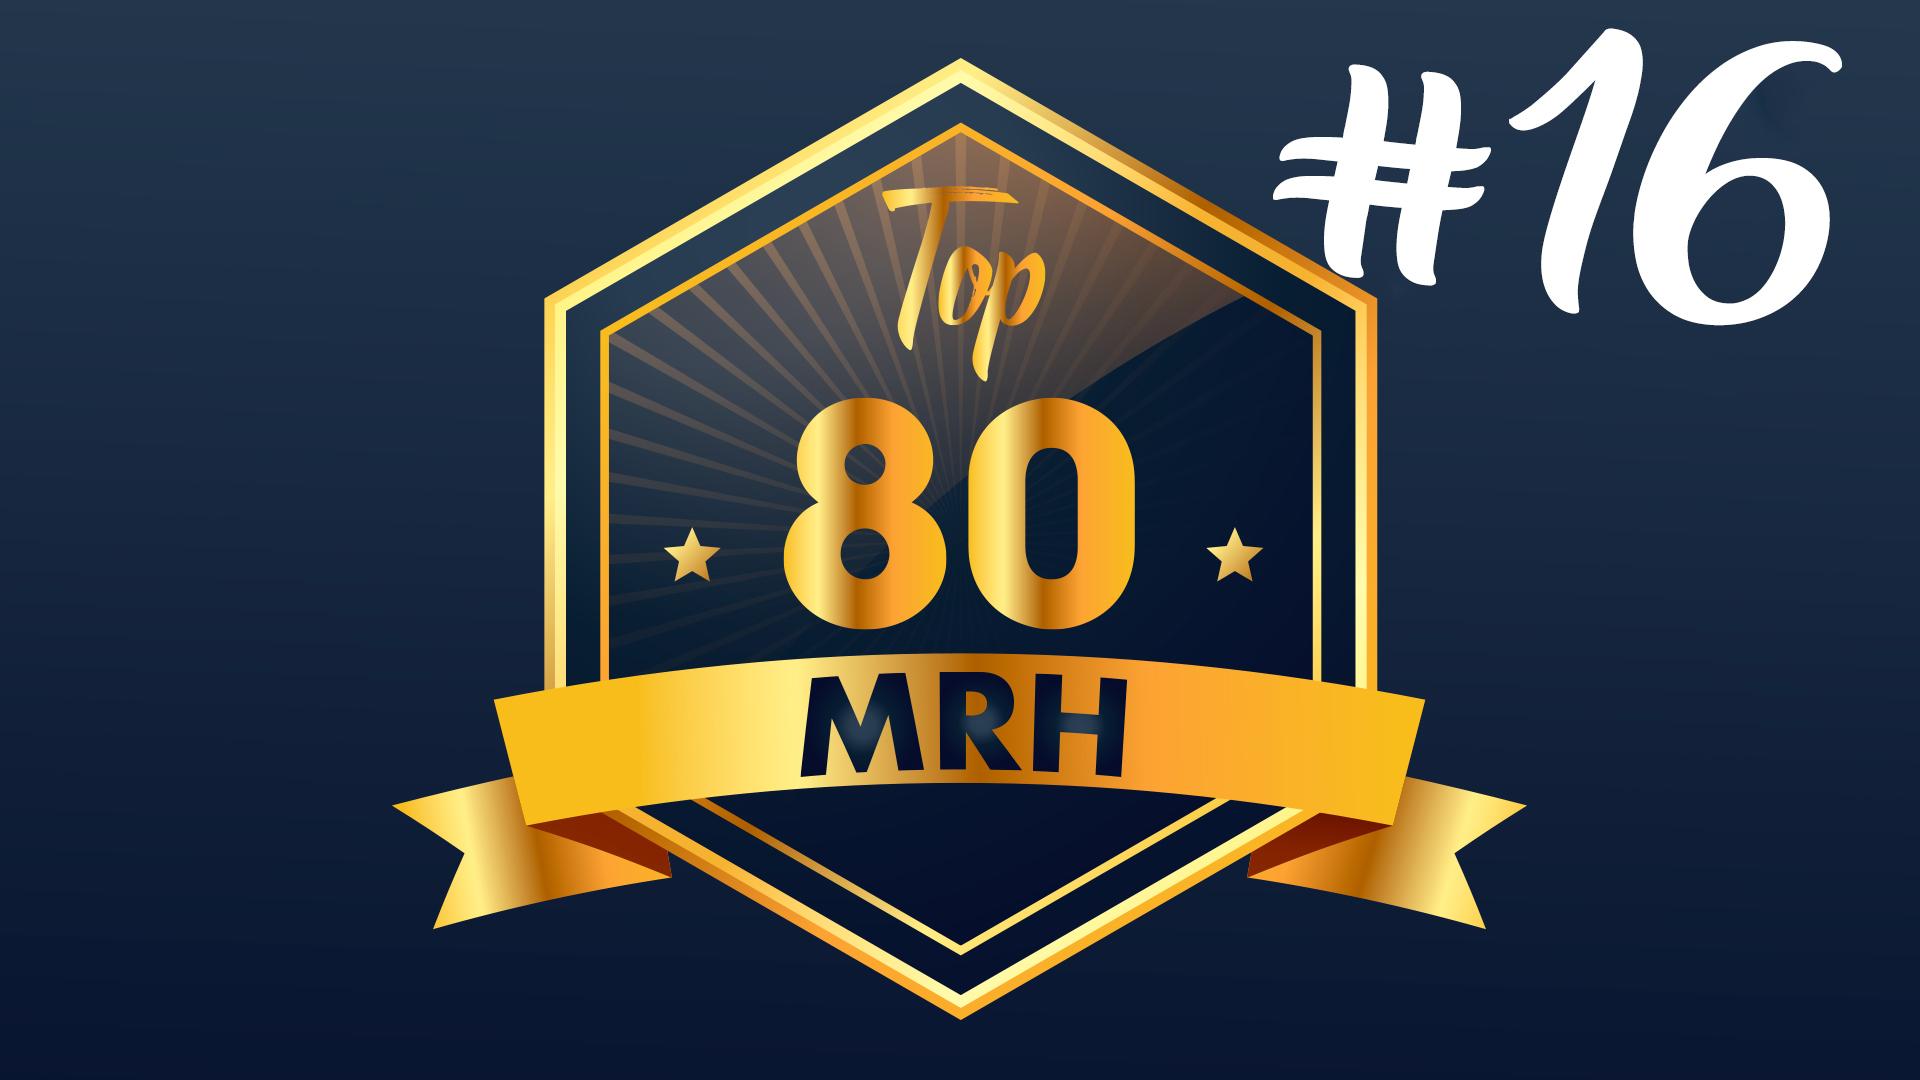 Top 80 MRH - Quel est le classement du seizième Top MRH ?